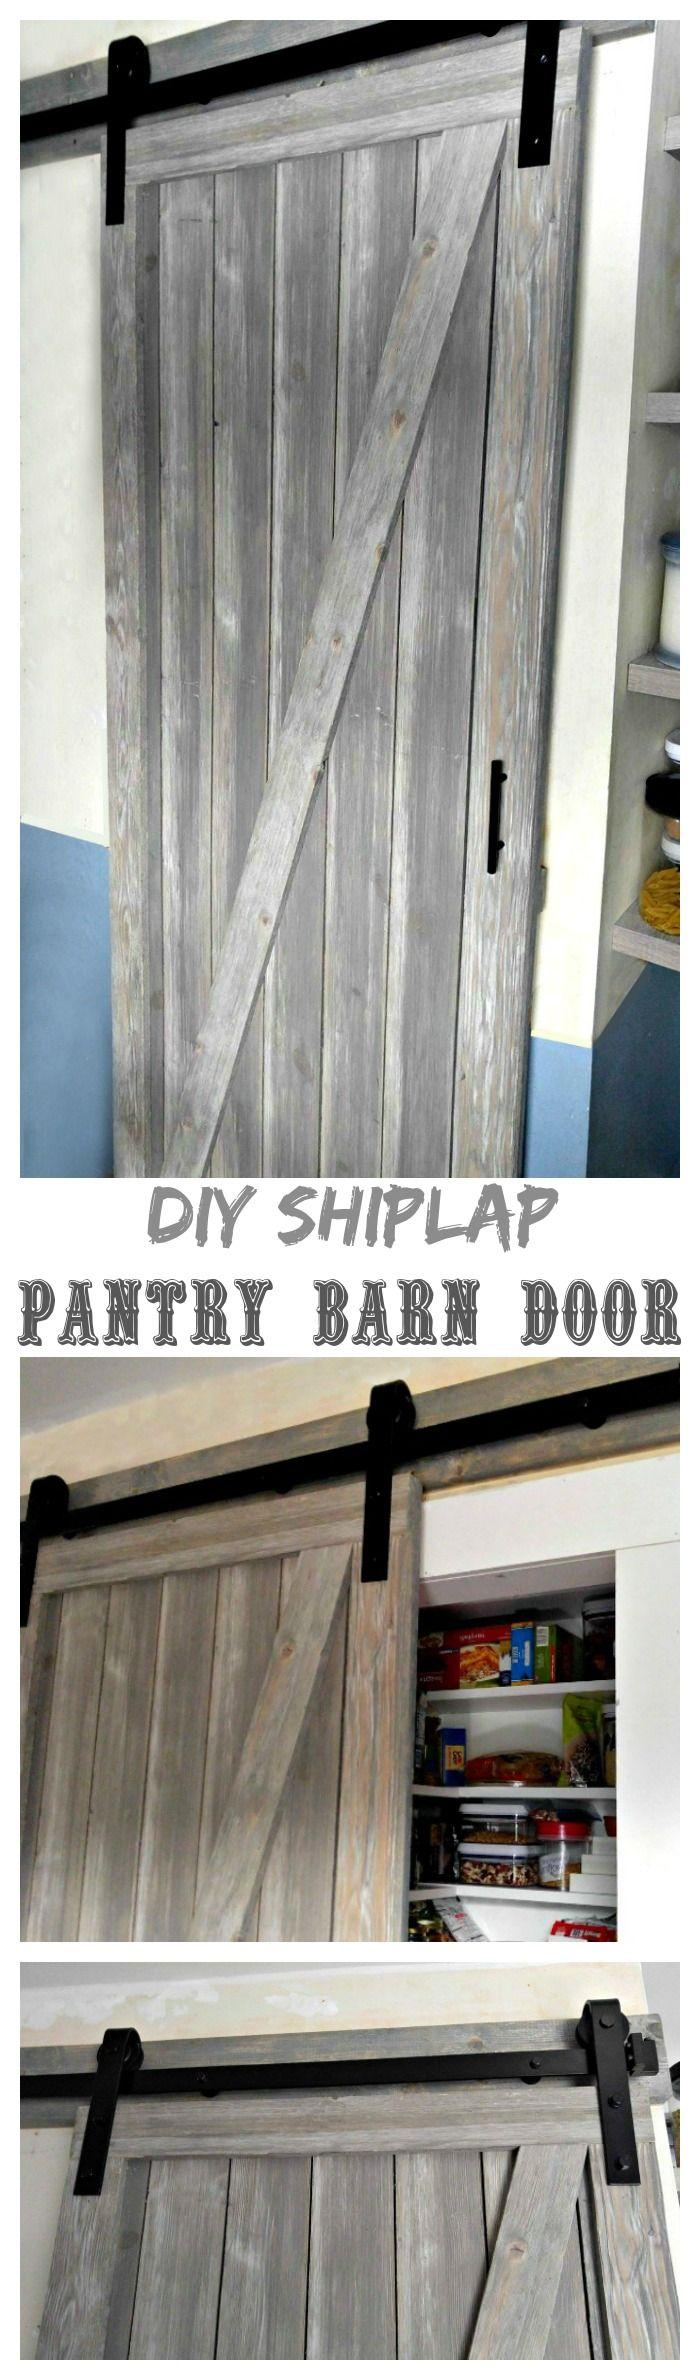 Esta puerta de granero de bricolaje Shiplap es la manera perfecta de añadir un toque decorativo a mi despensa y ahorrar mucho espacio en mi pequeña cocina de galera